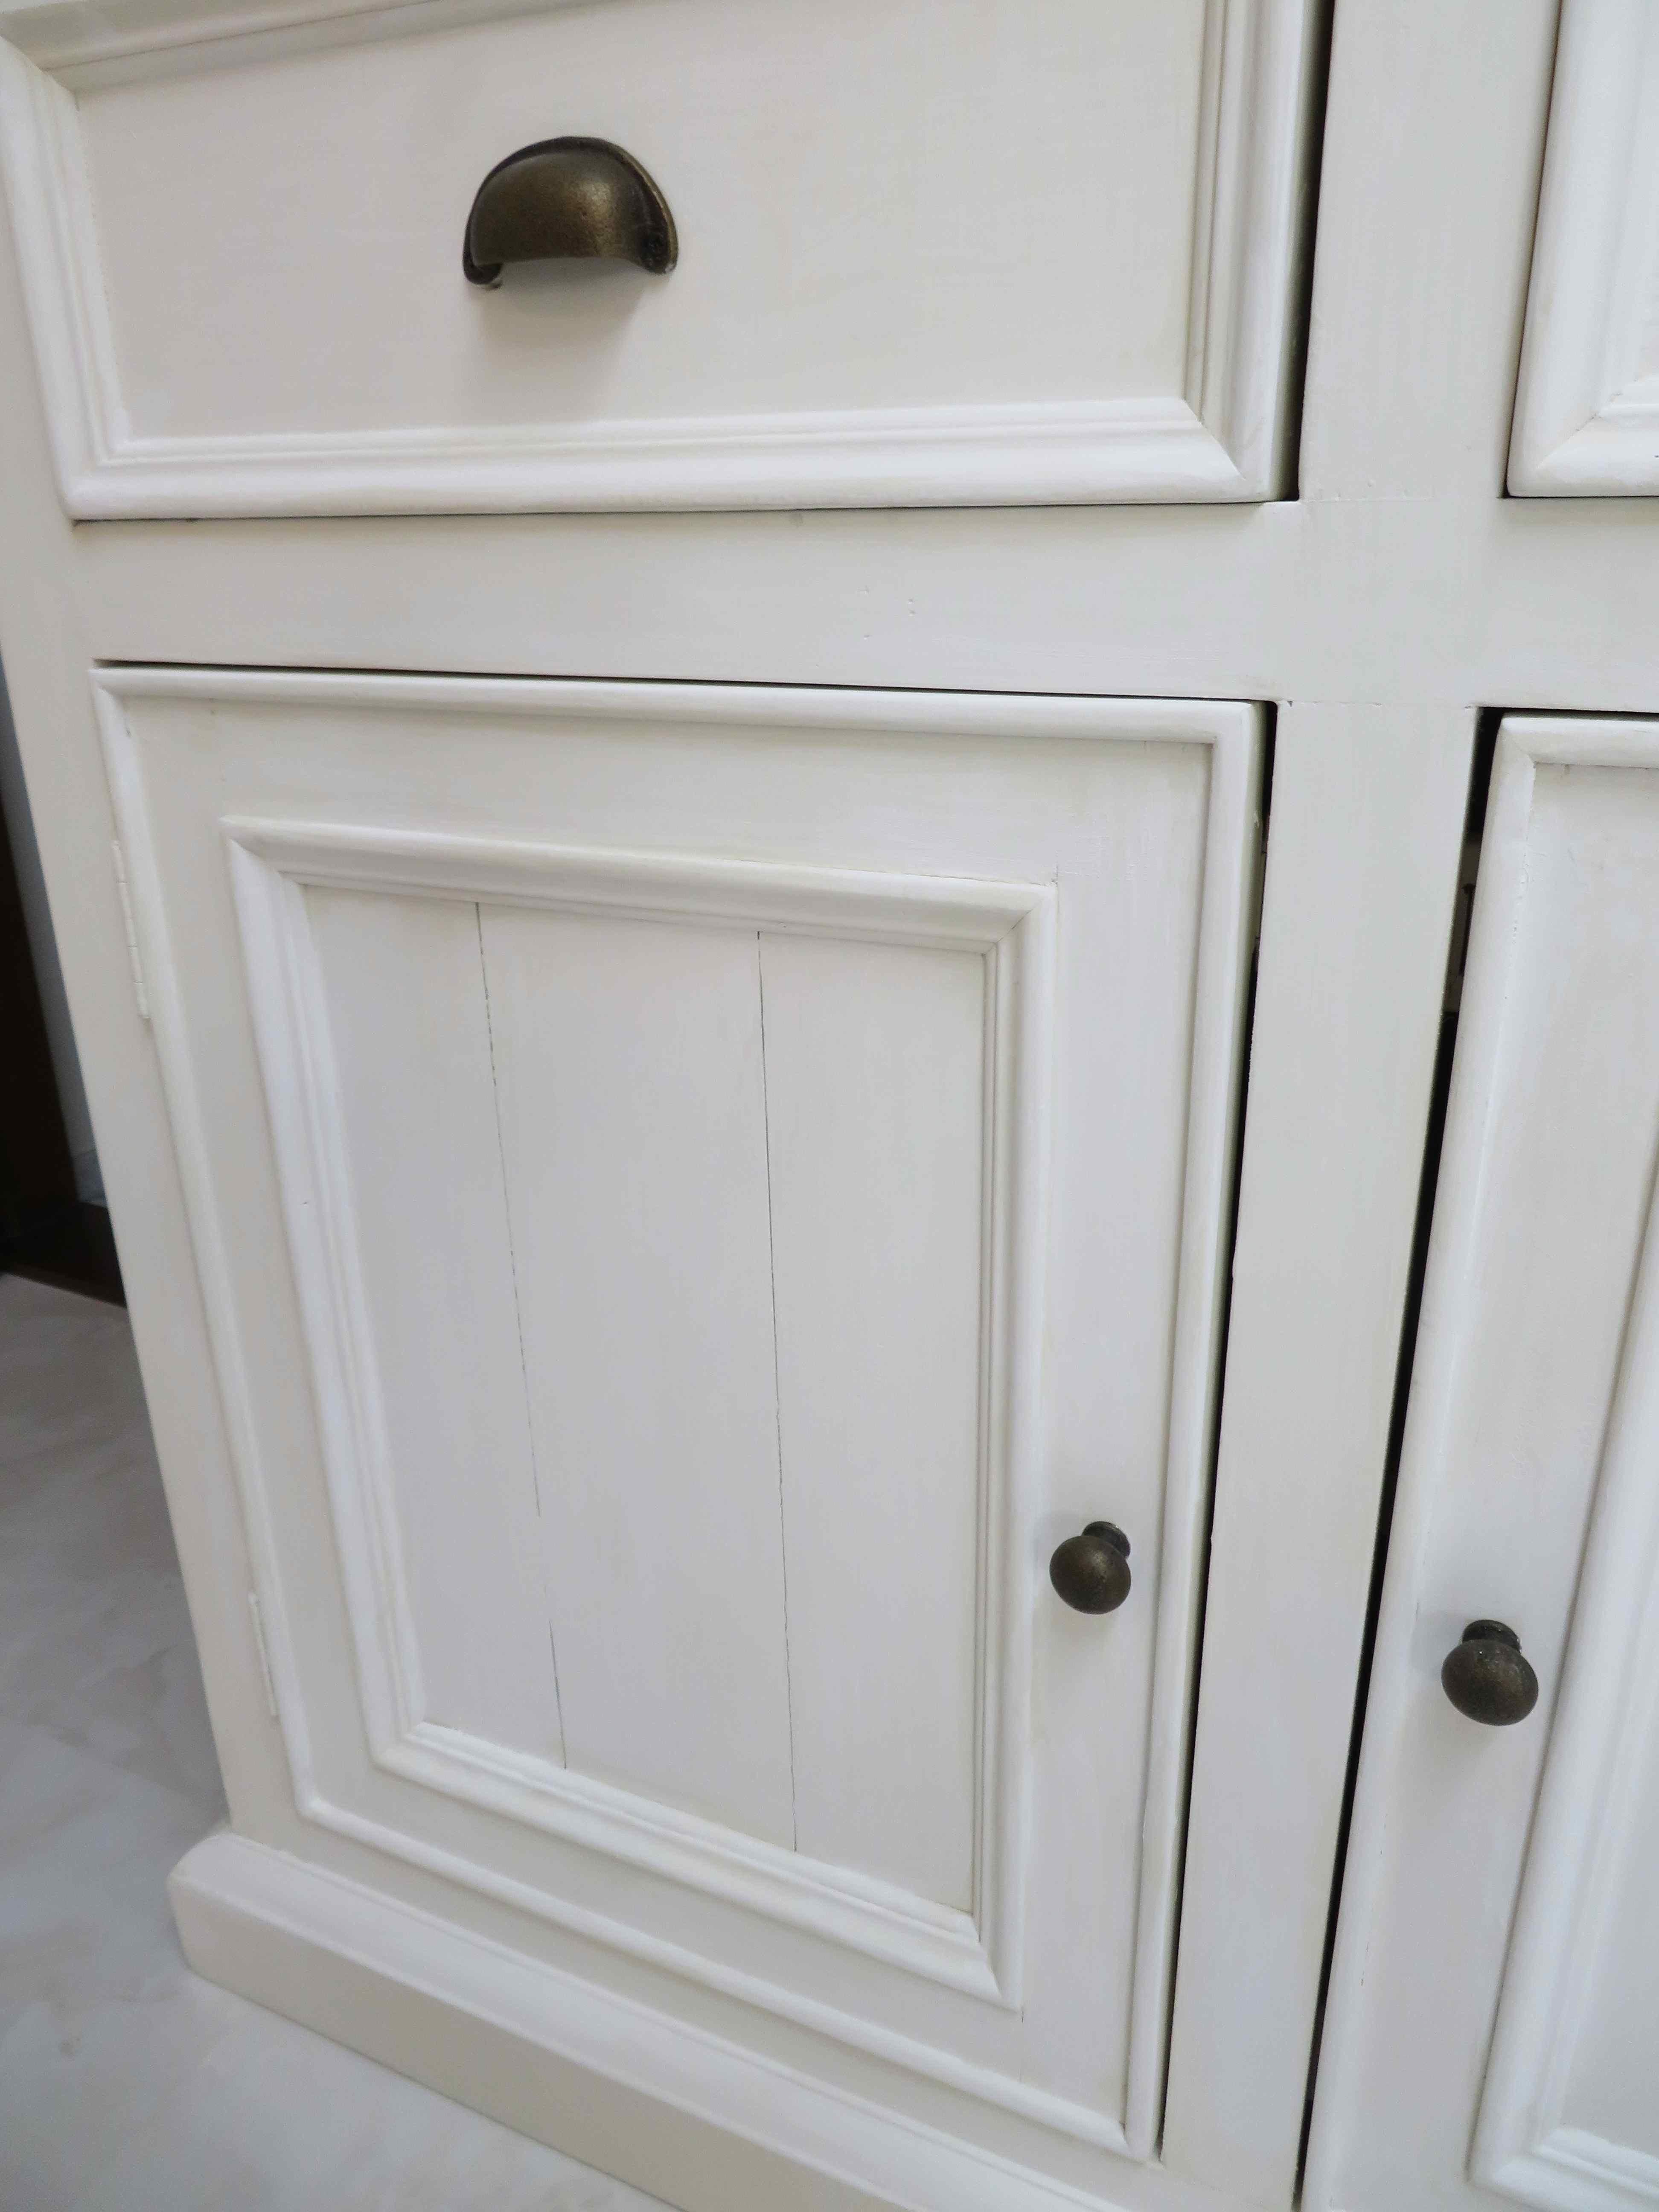 家具補修 その後 モリス正規販売店のブライト_c0157866_19054059.jpg